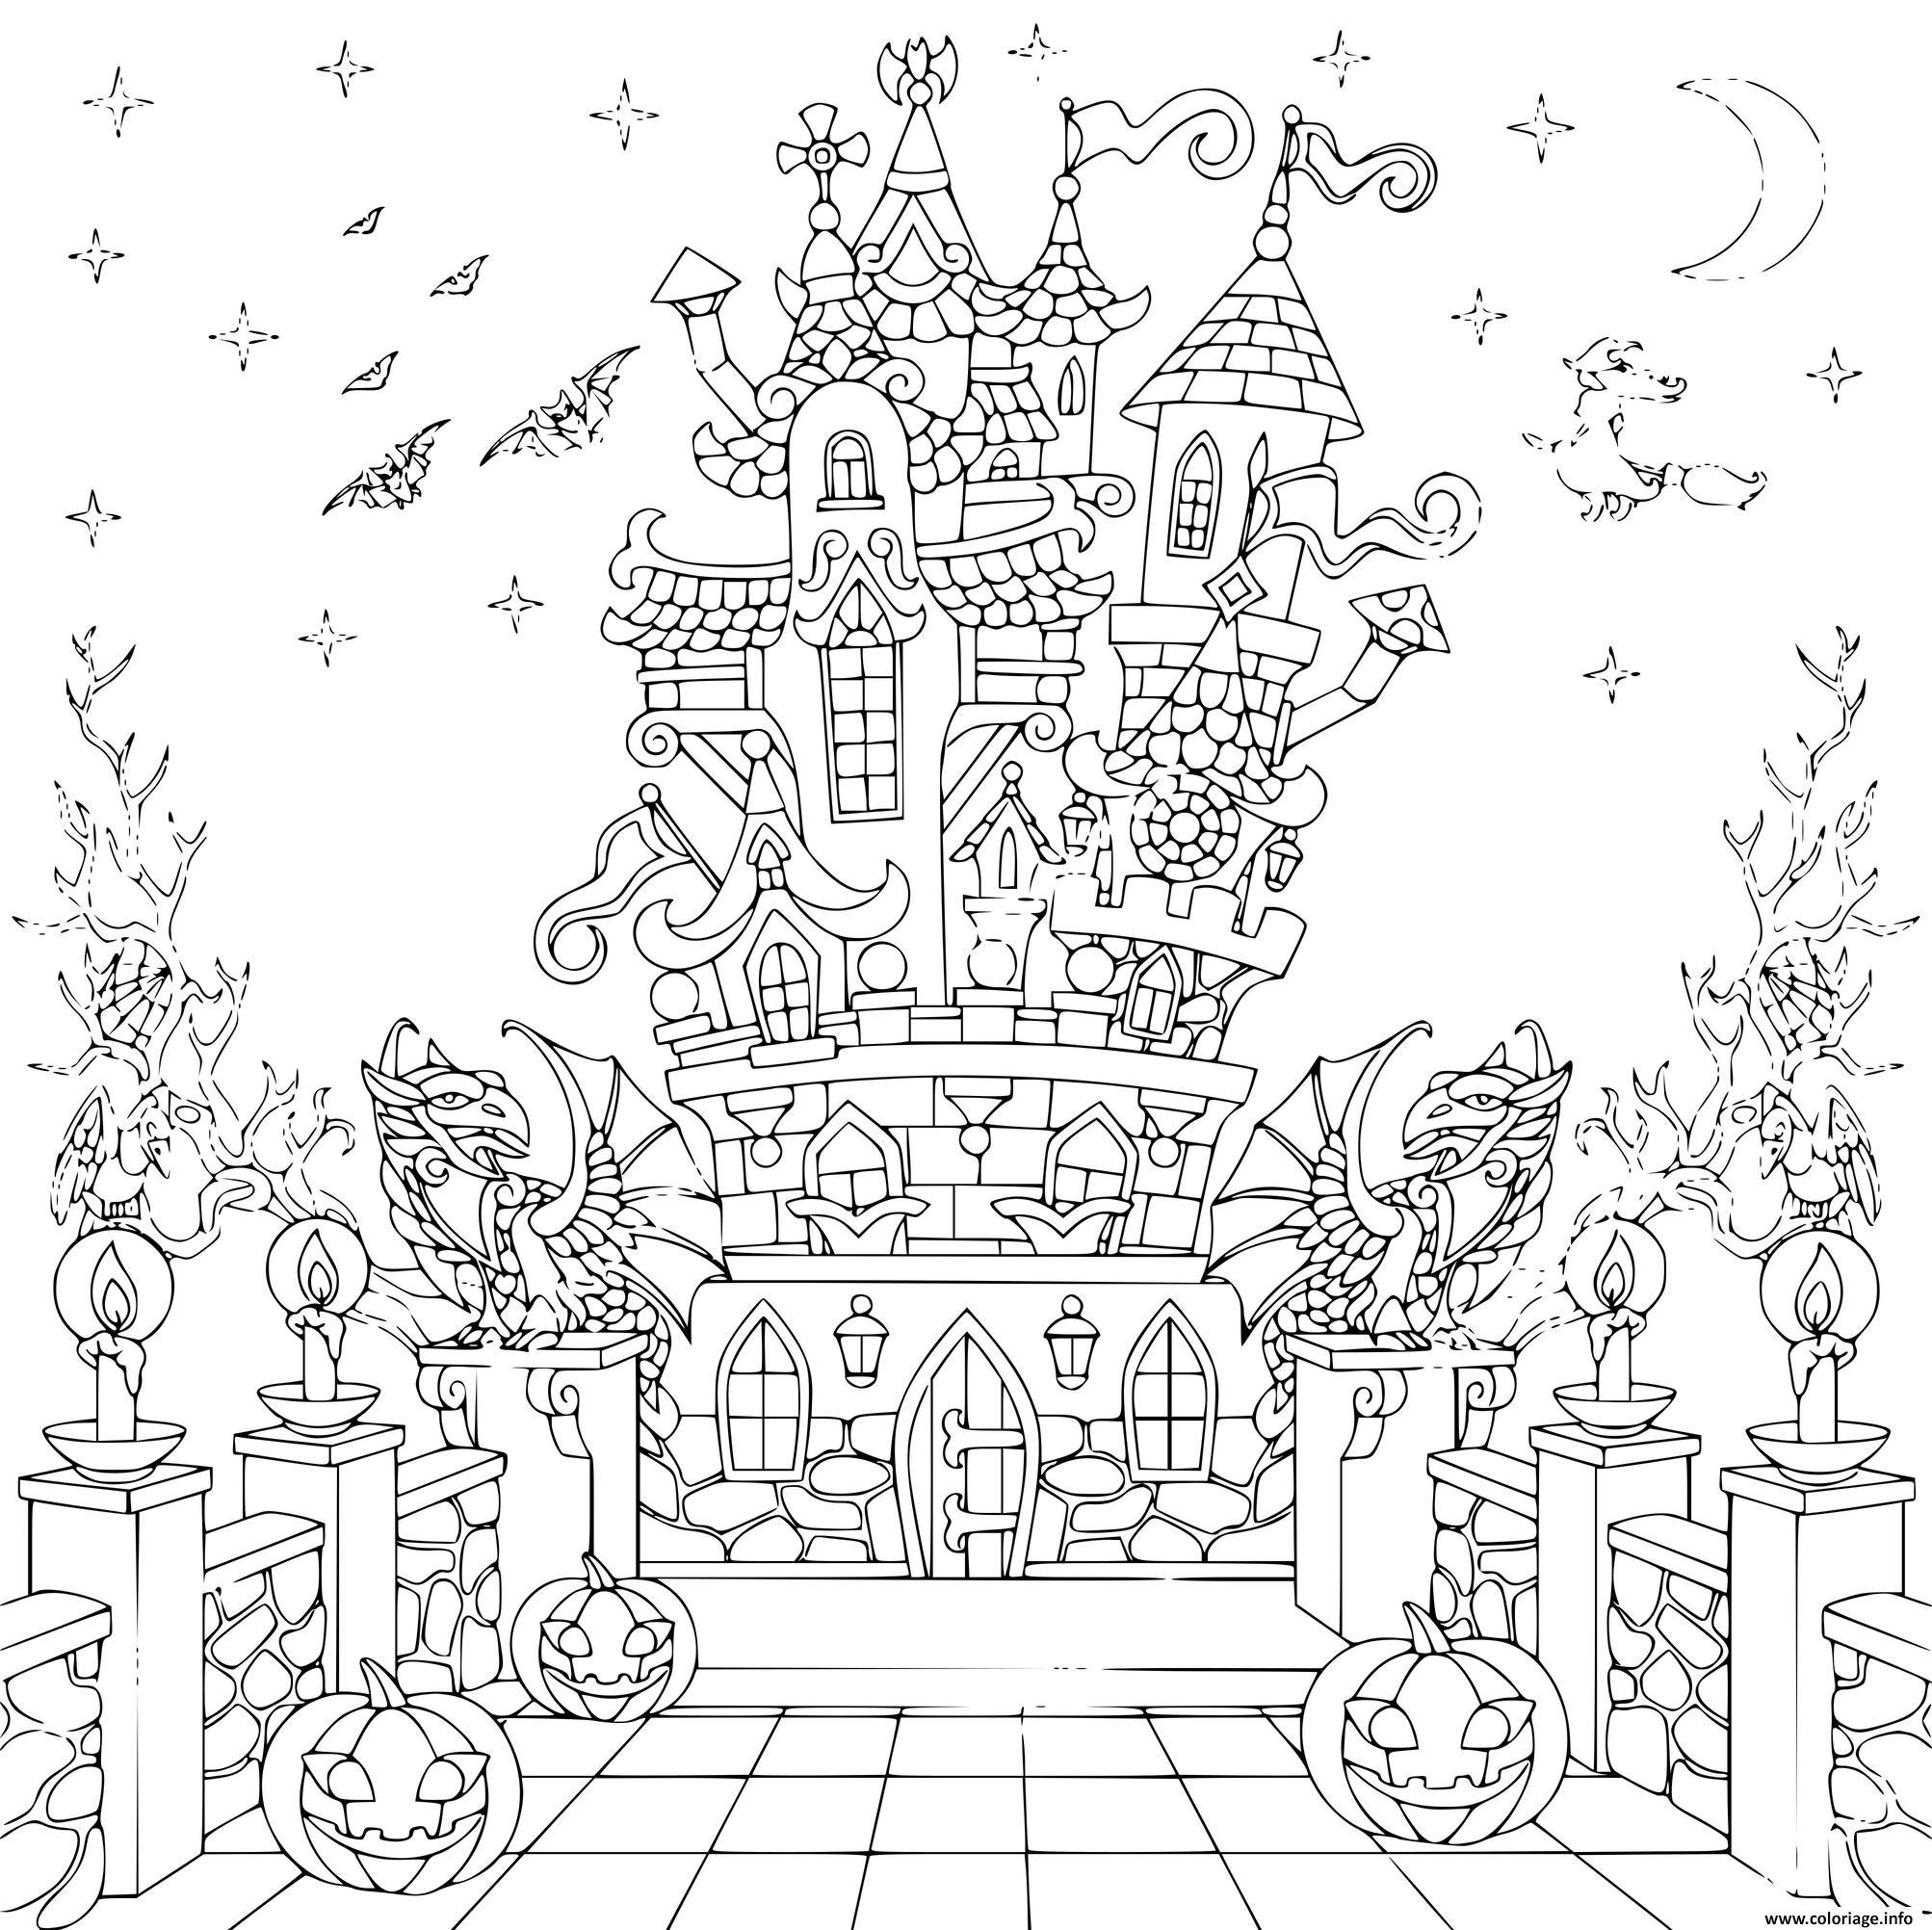 Dessin maison hantee chateau hallowen adulte Coloriage Gratuit à Imprimer